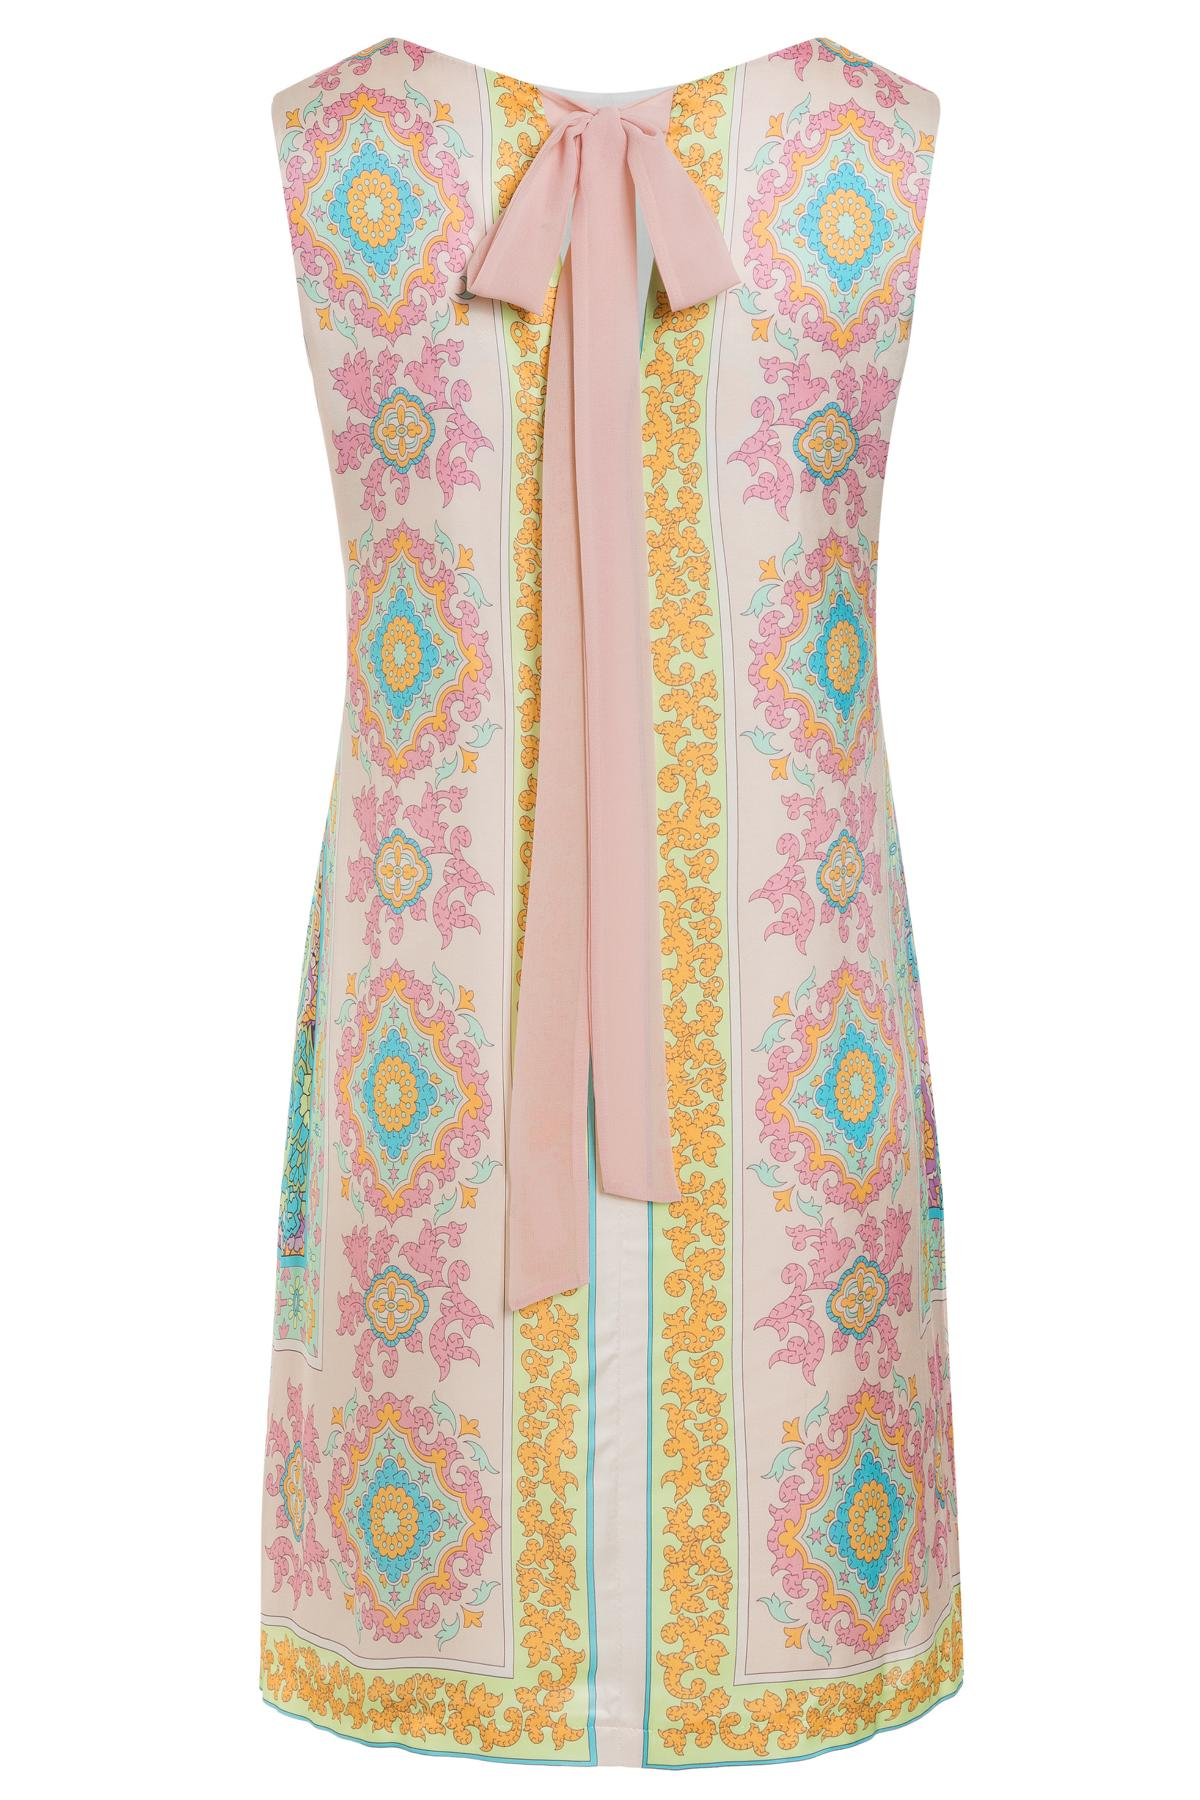 Detailansicht 2 von Ana Alcazar Schleifen Kleid Tedora